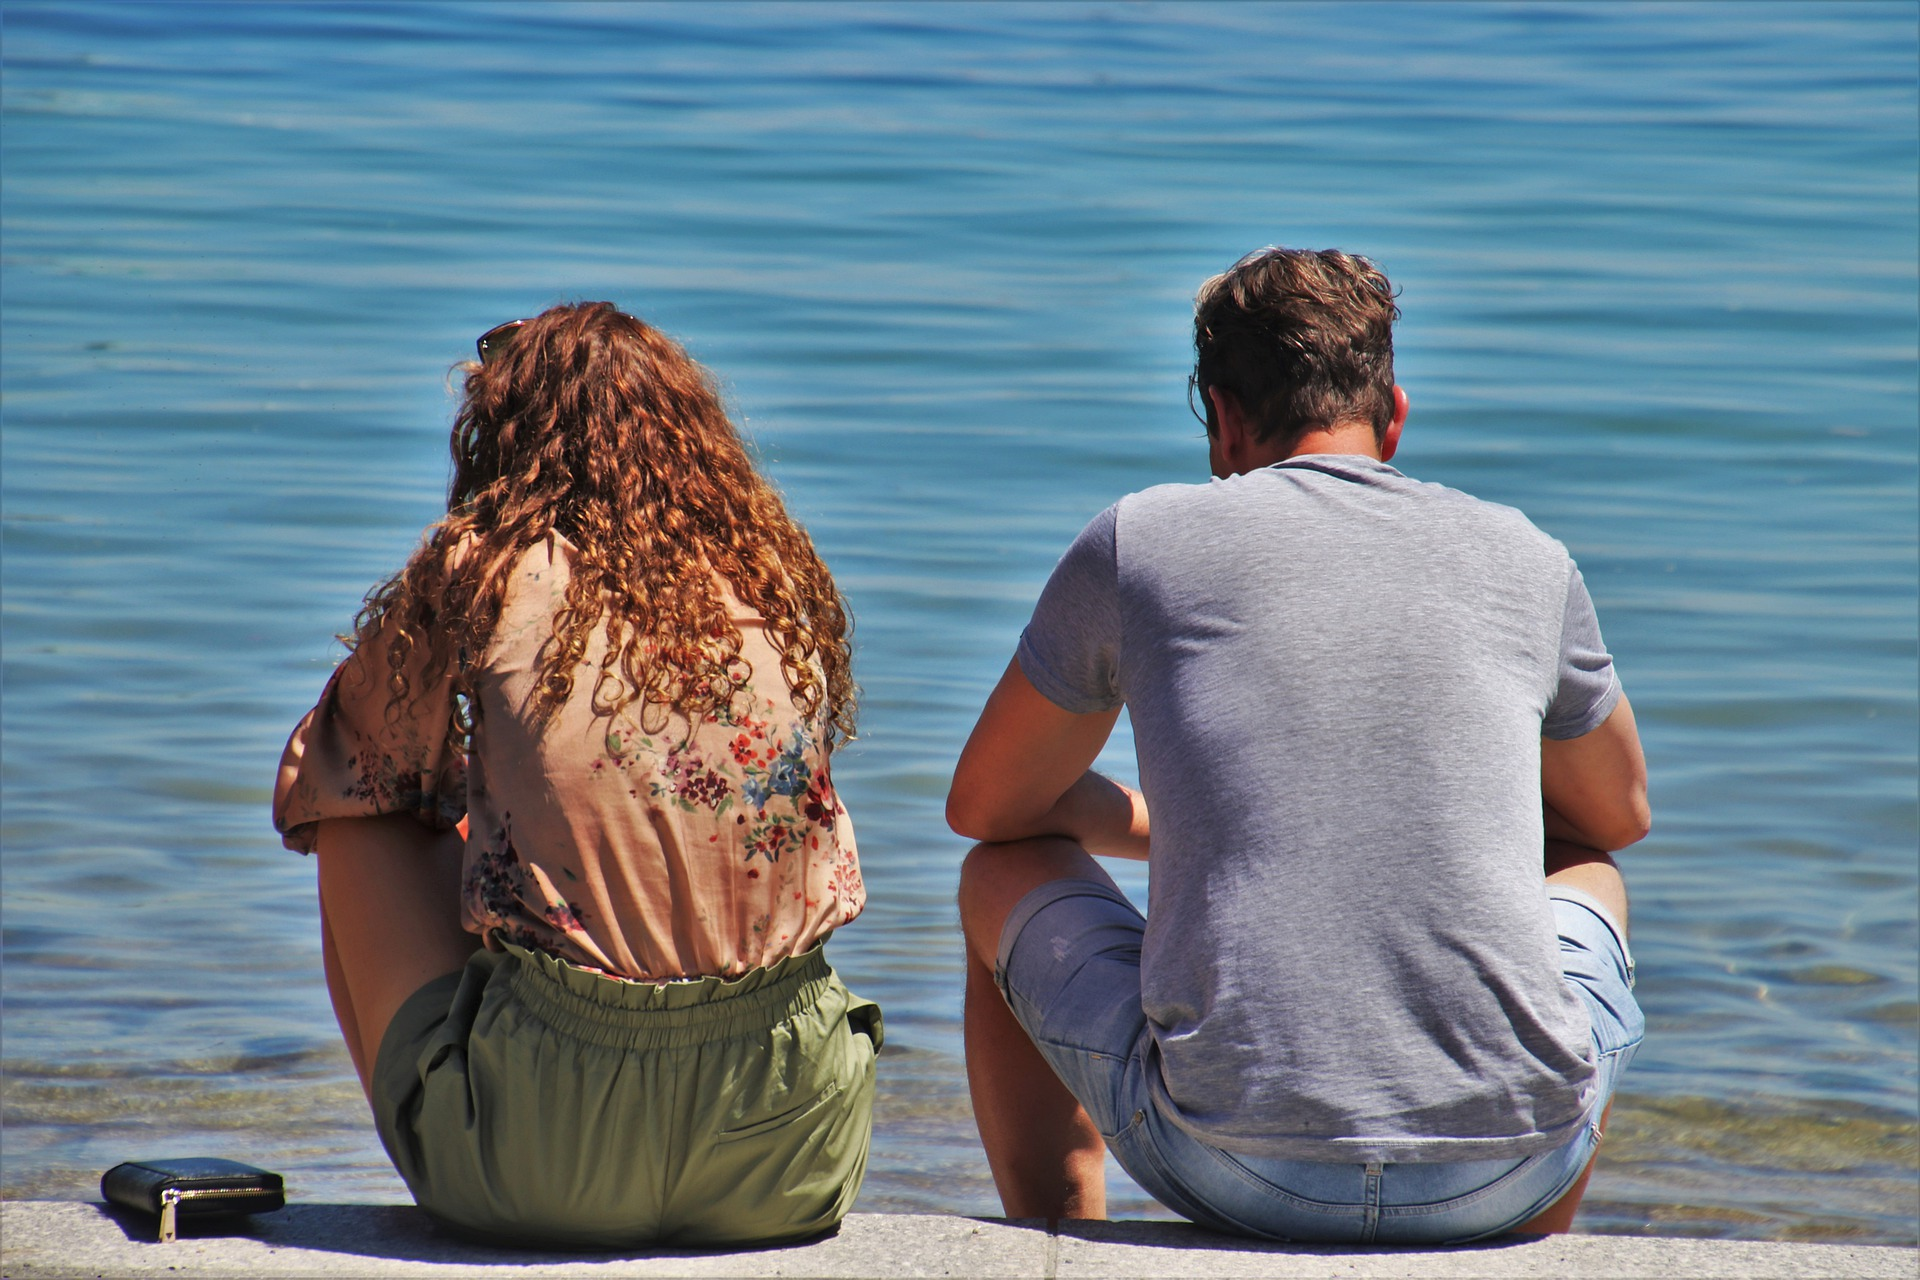 ダブル不倫をする男性の本気度と遊びの違いはどこ?本気になれば既婚男性は態度や行動も変わります